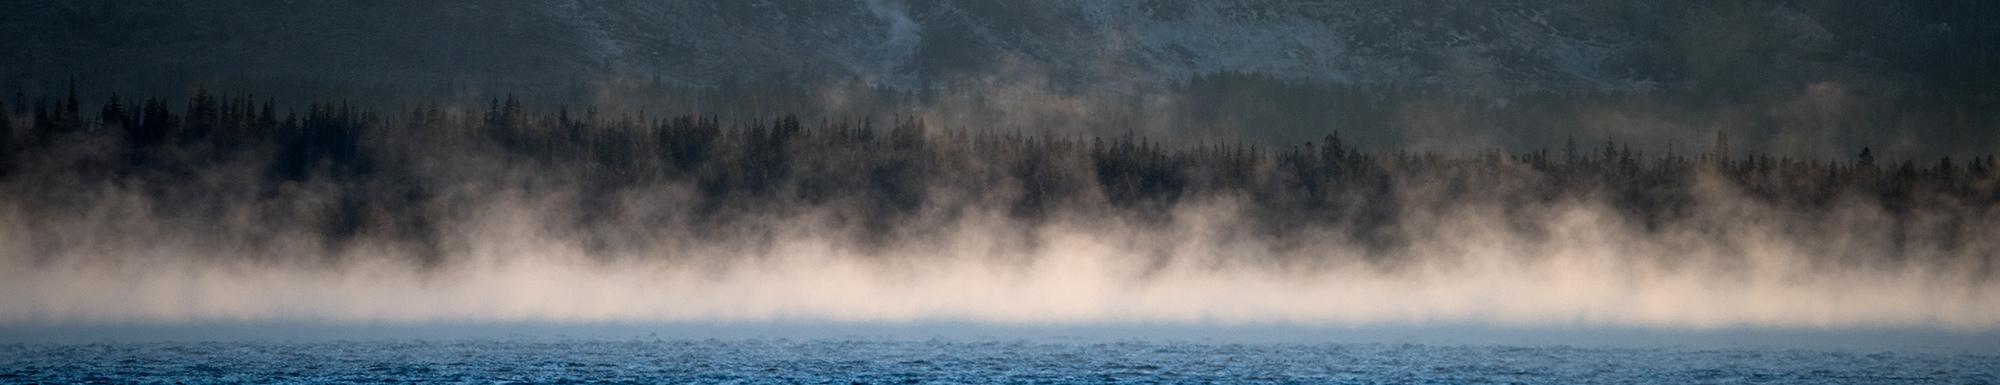 banner_linder_mist